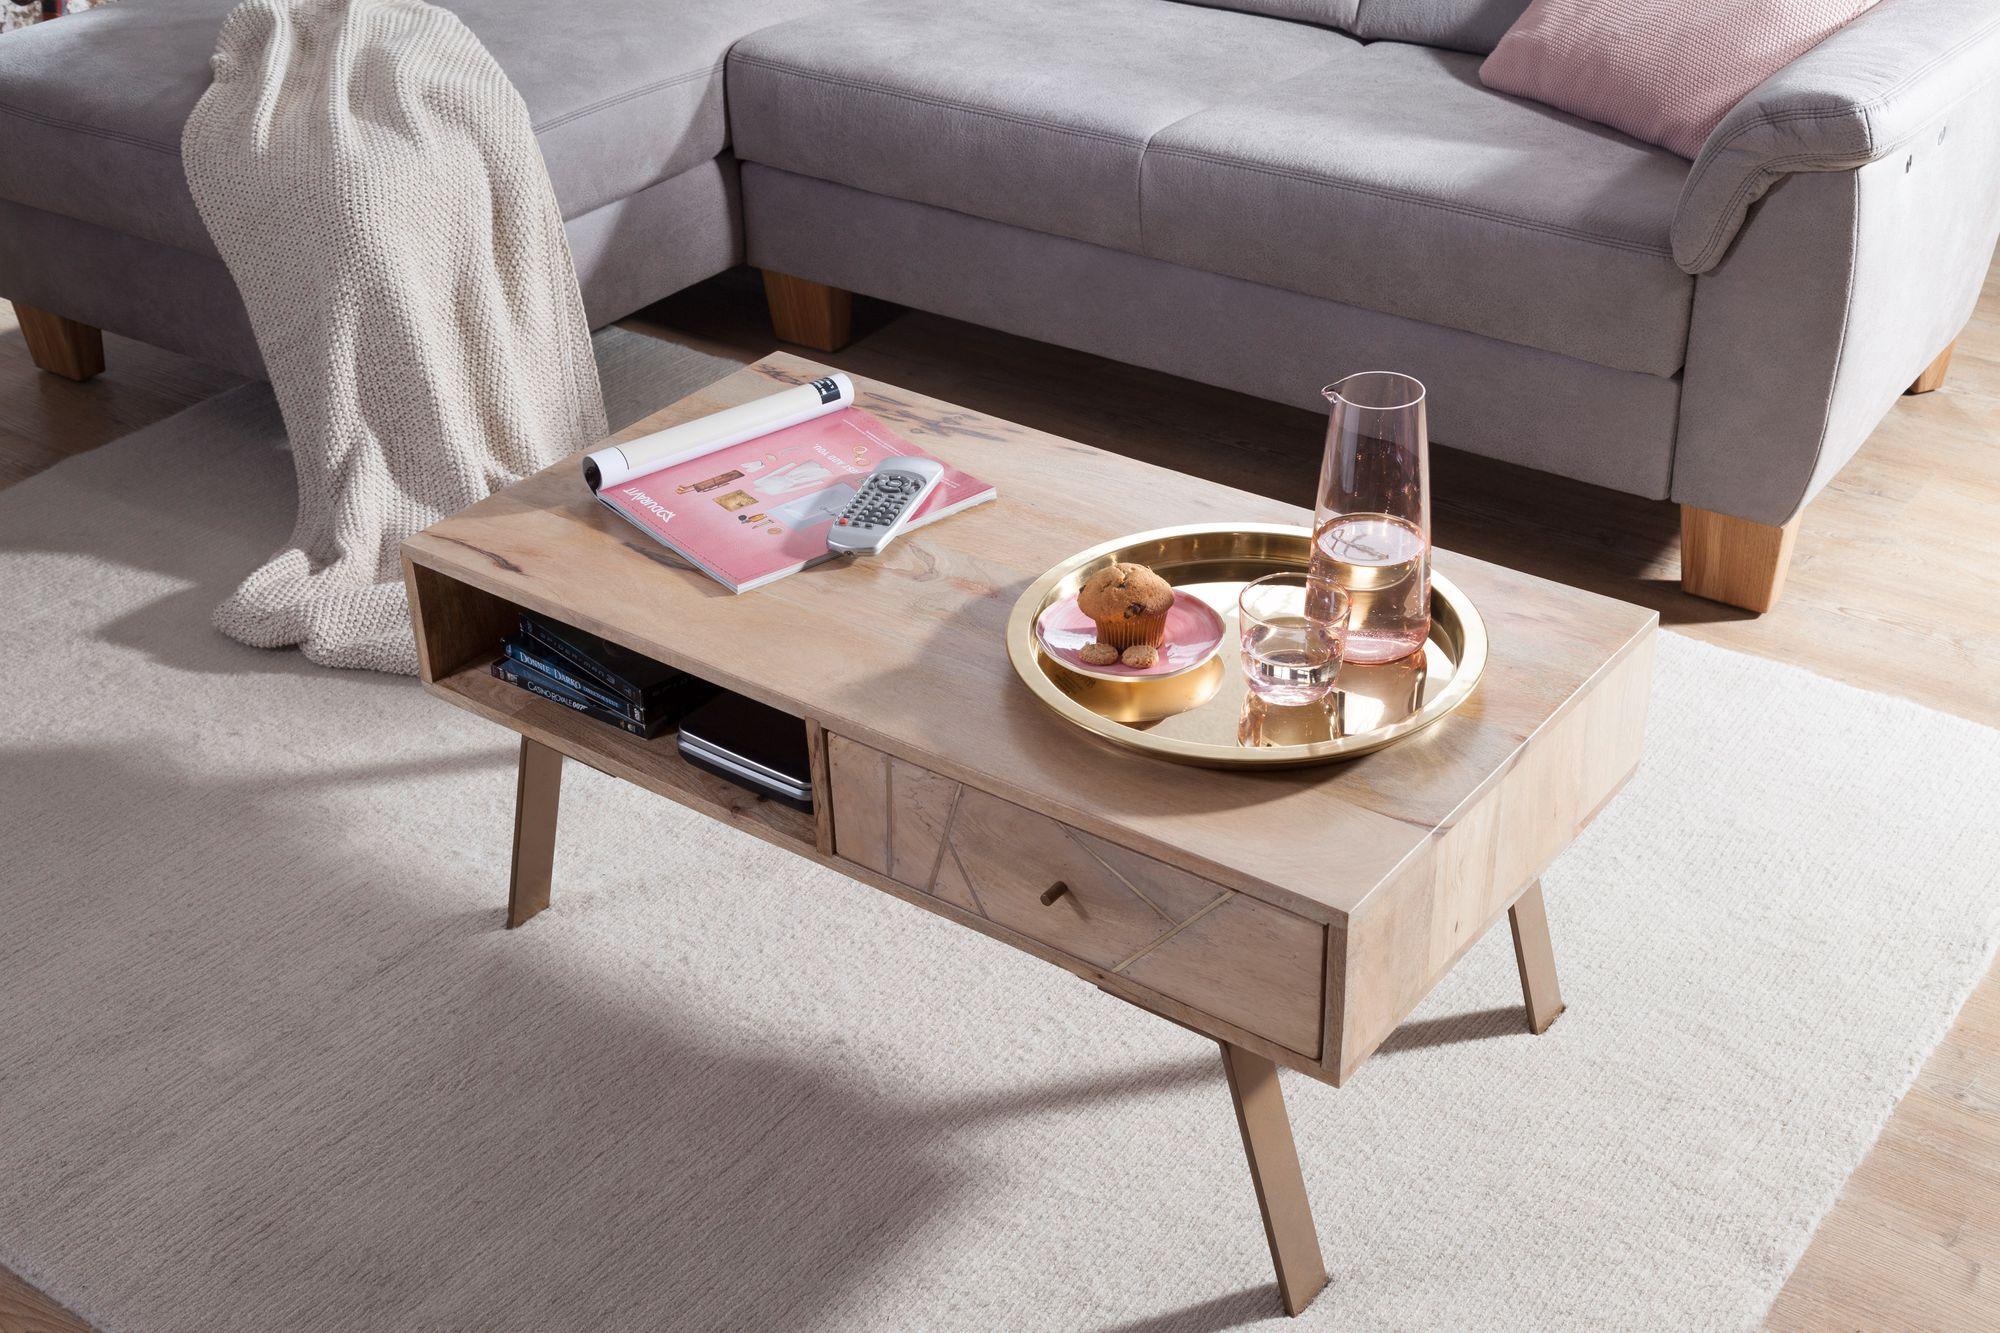 FineBuy Couchtisch SAKIR Wohnzimmertisch Holz massiv Sofatisch Tisch  Wohnzimmer